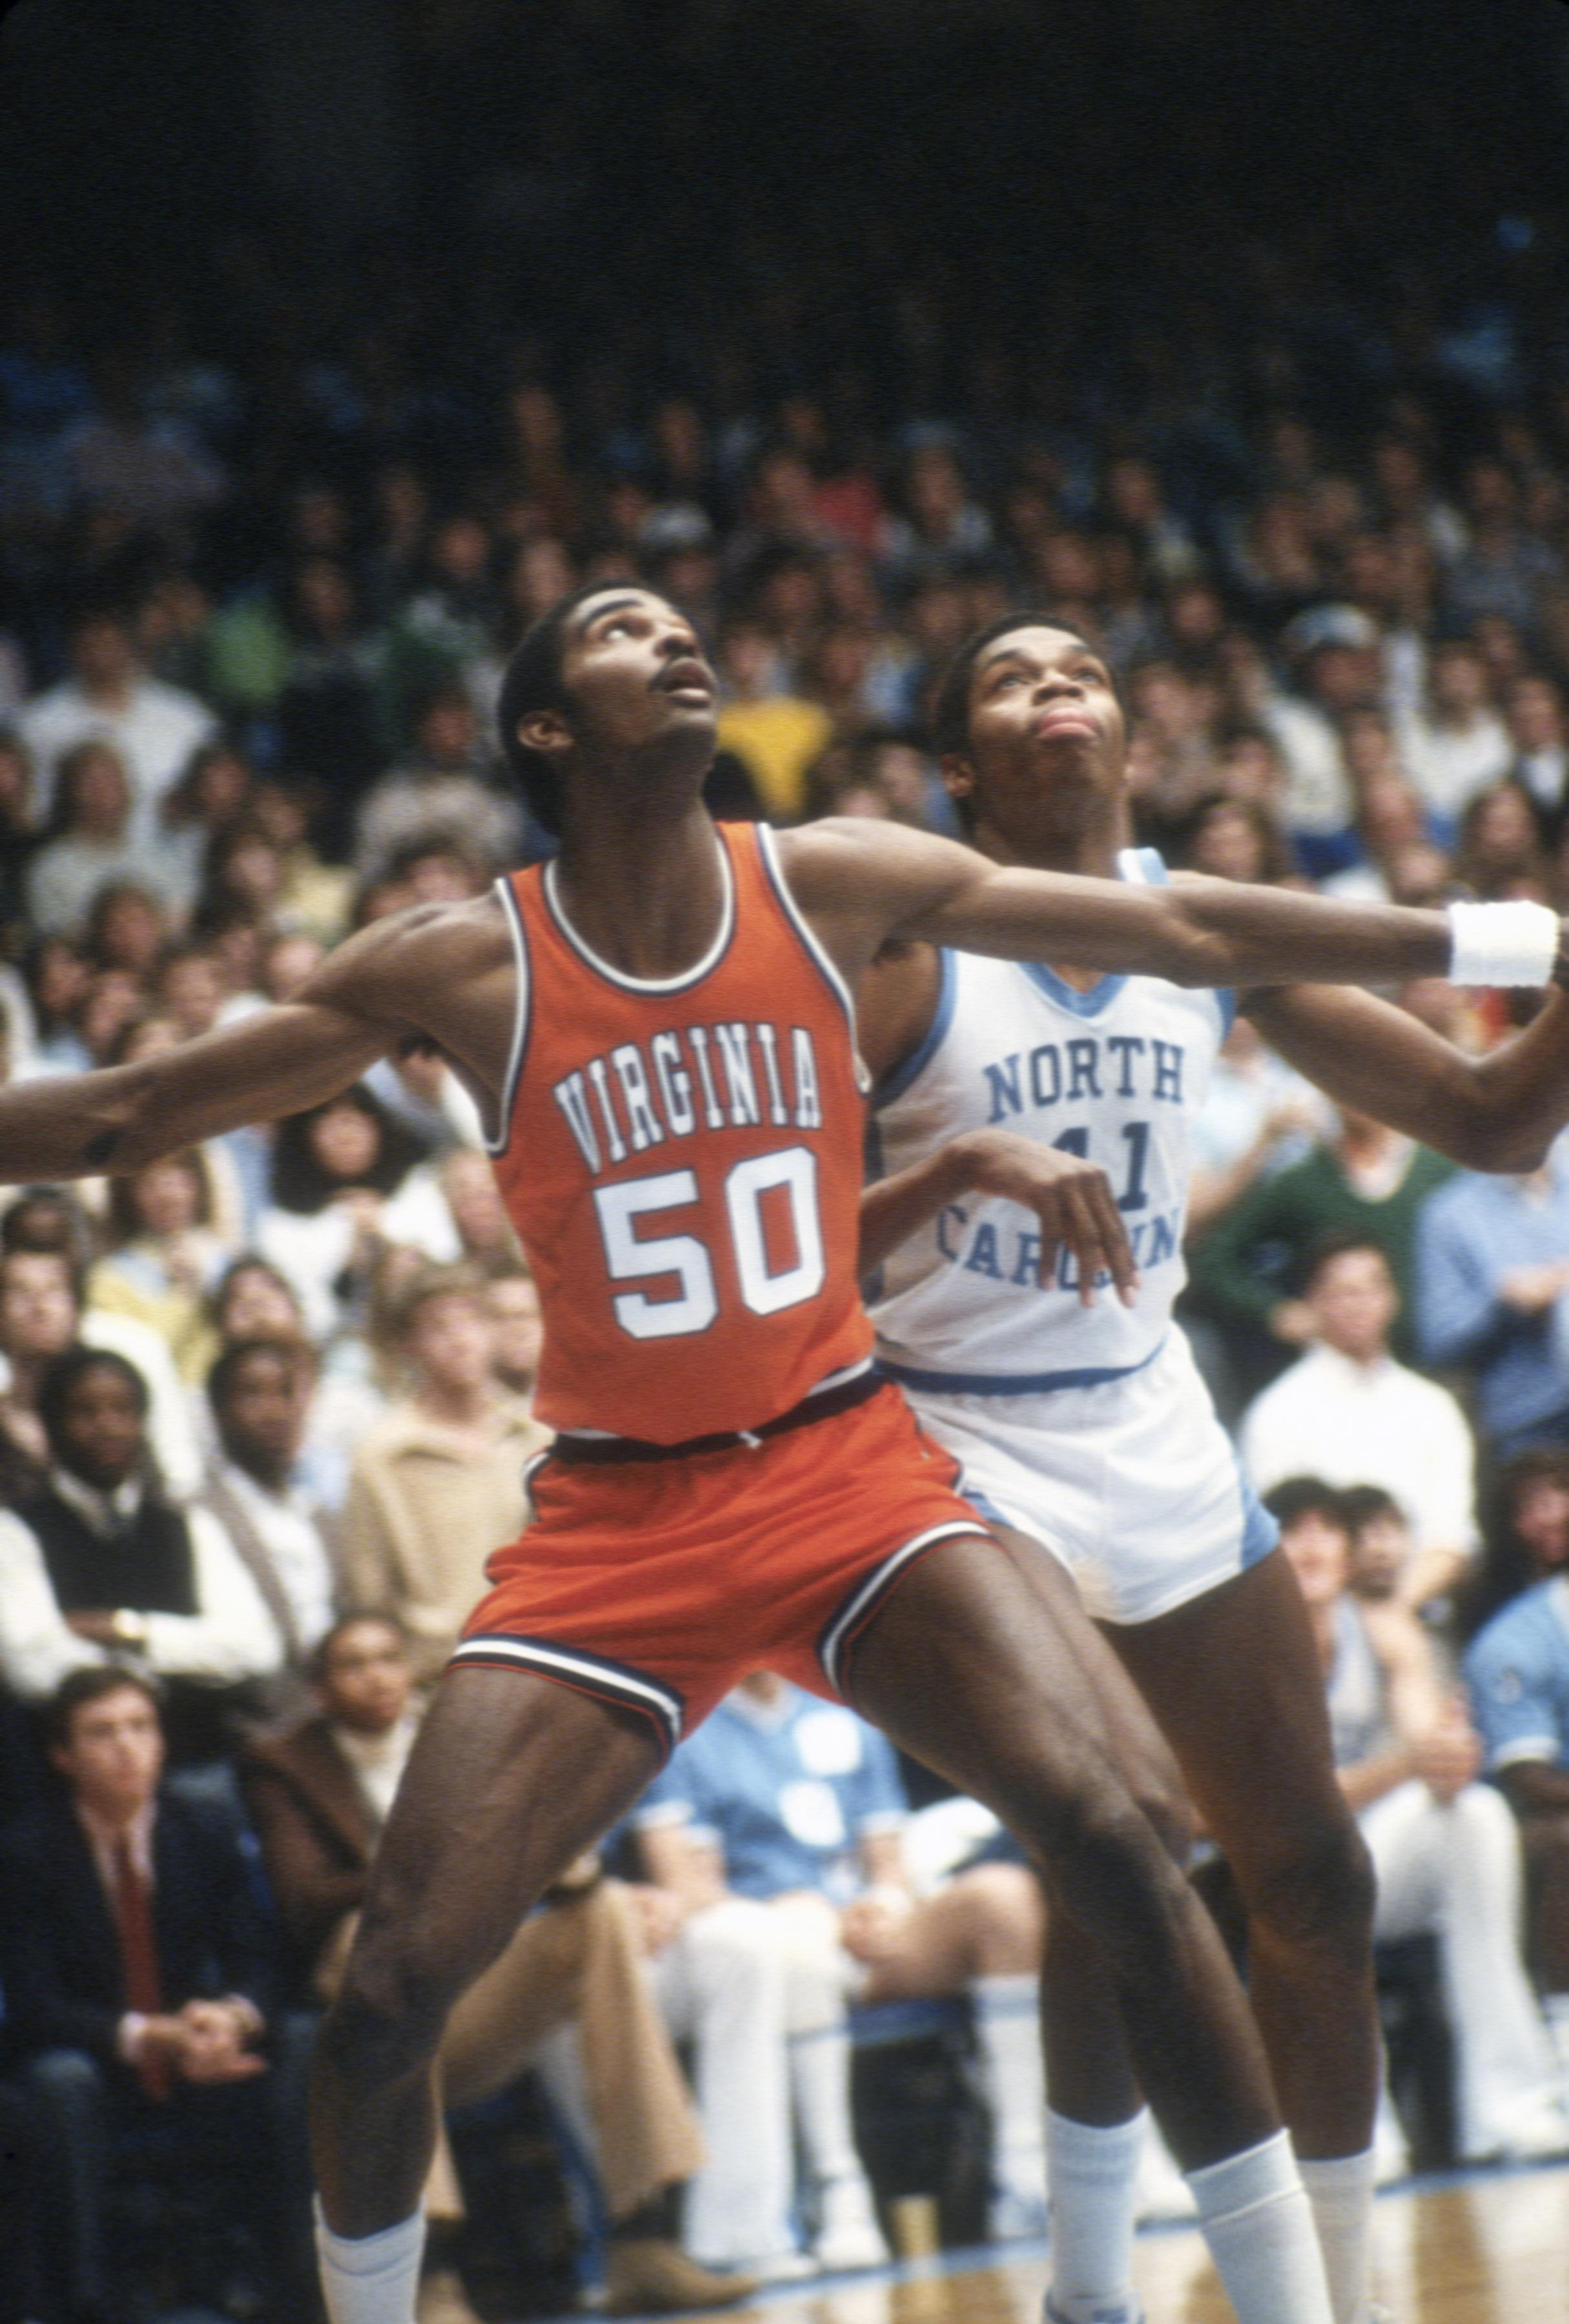 Virginia Cavaliers v North Carolina Tar Heels